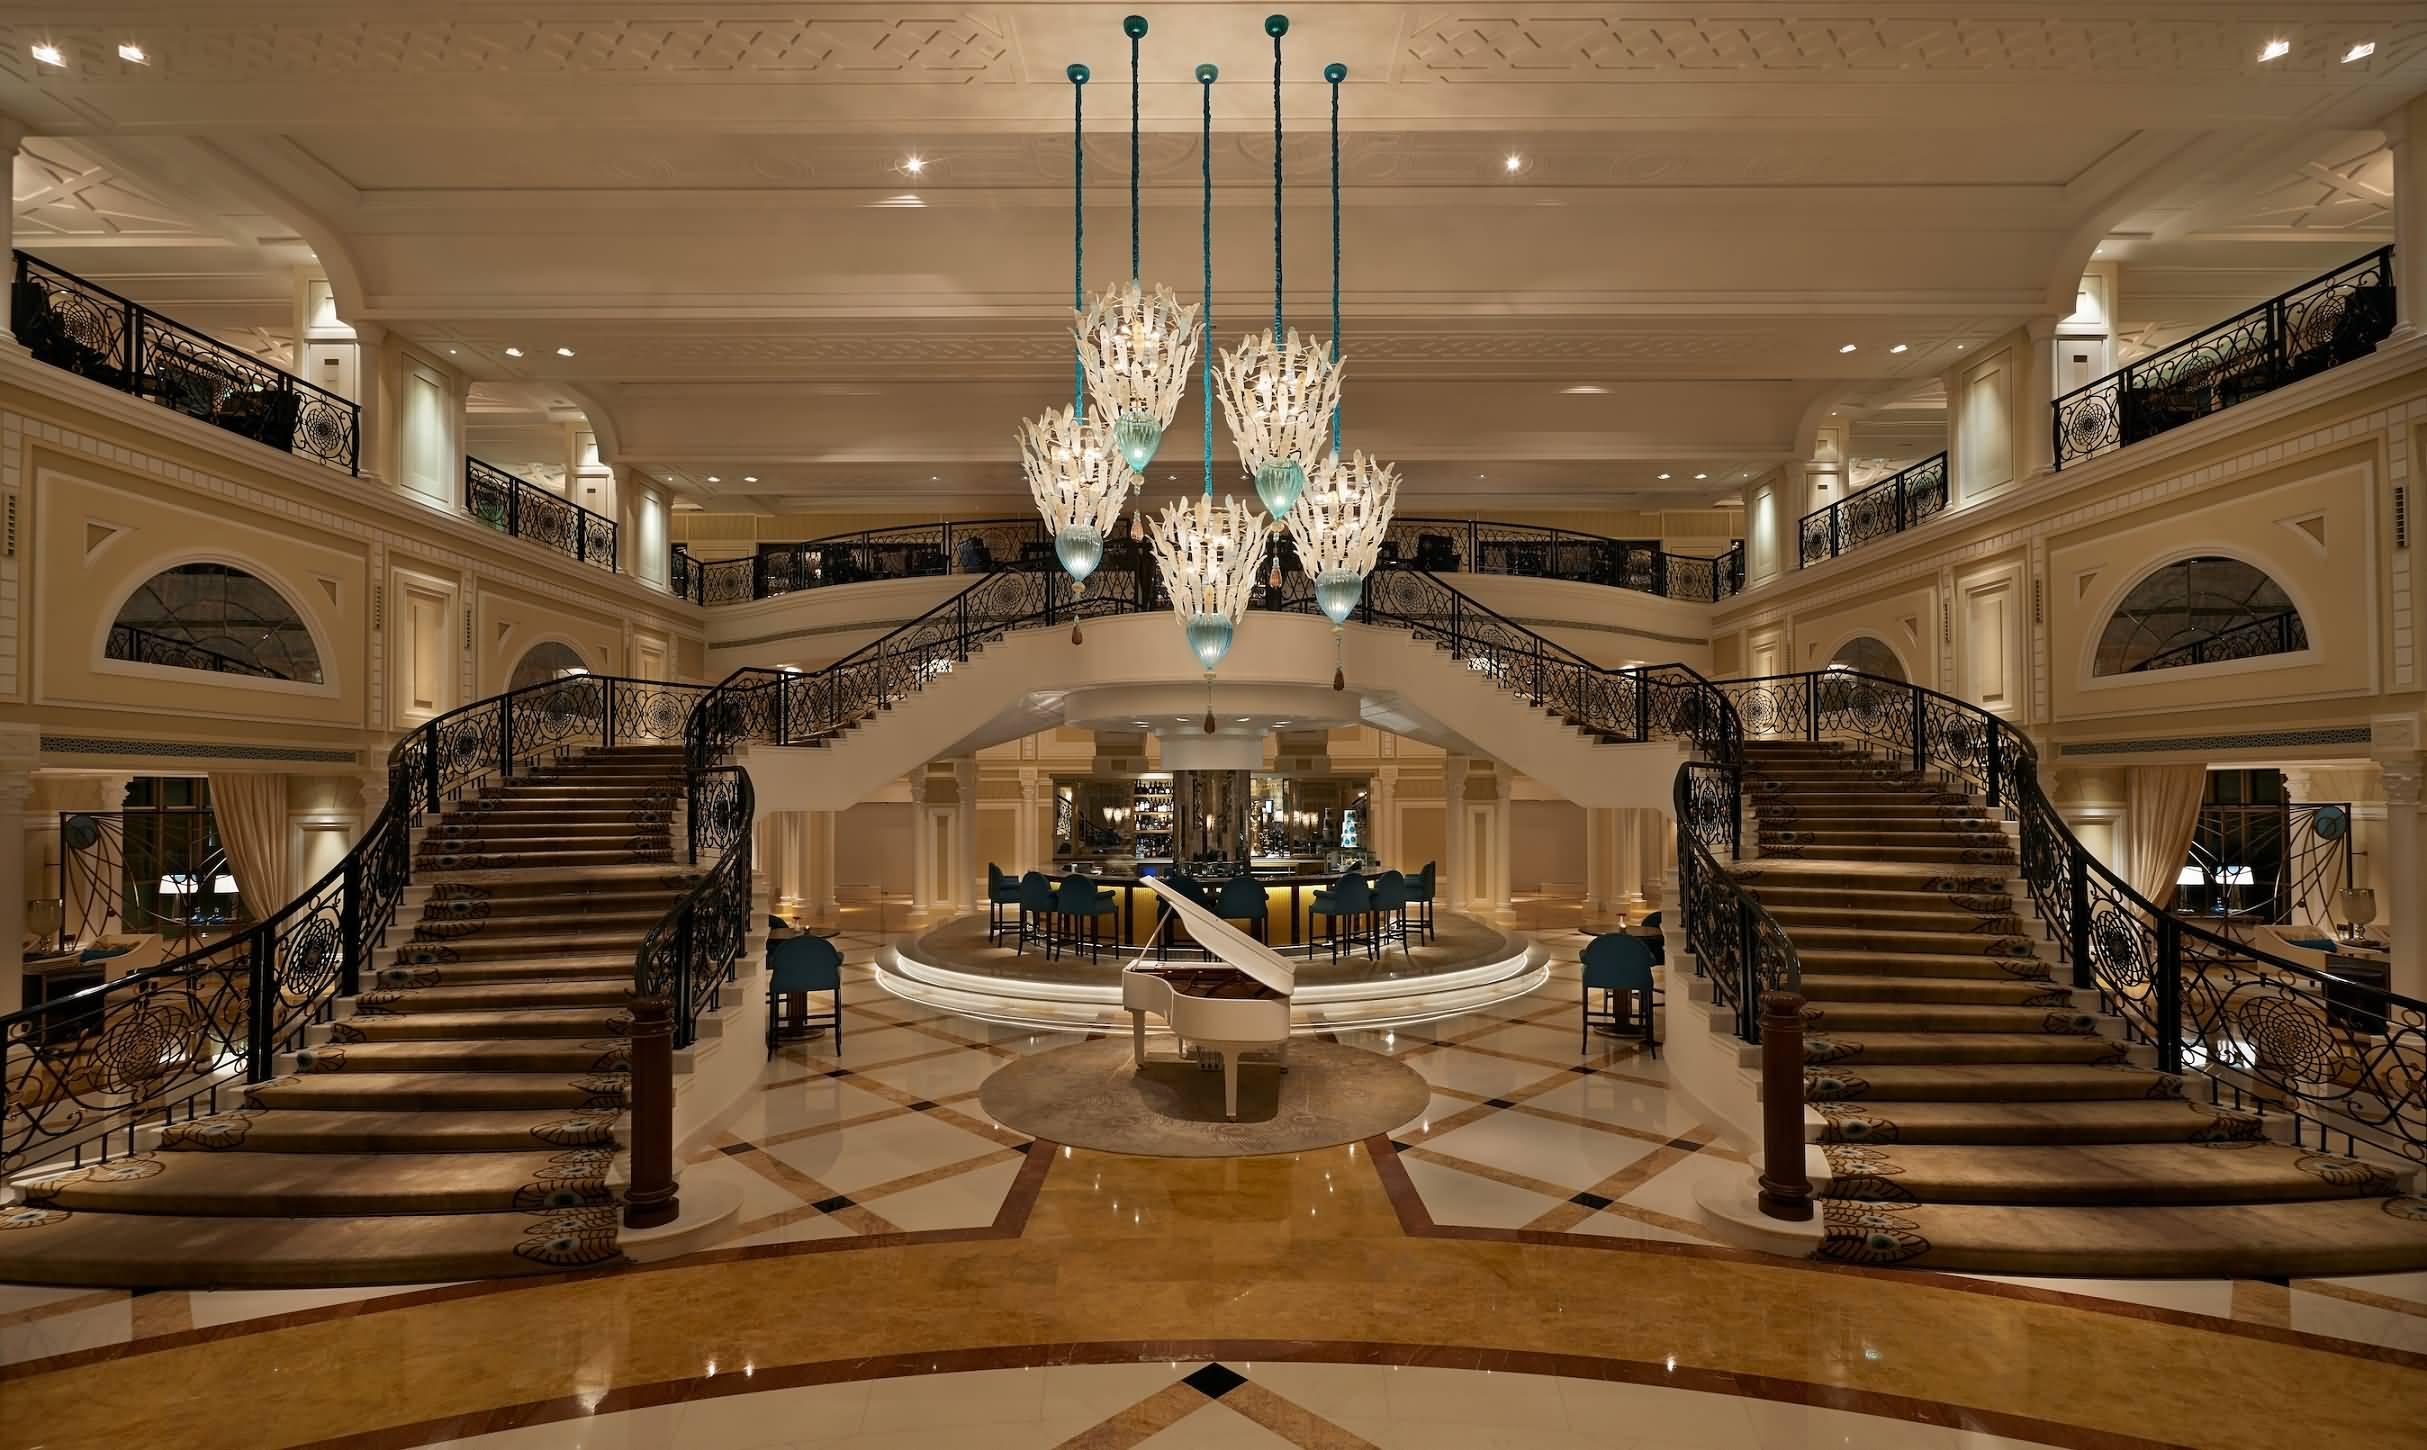 صورة فندق والدورف أستوريا رأس الخيمة يستقبل عيد الحب بعروض مميزة